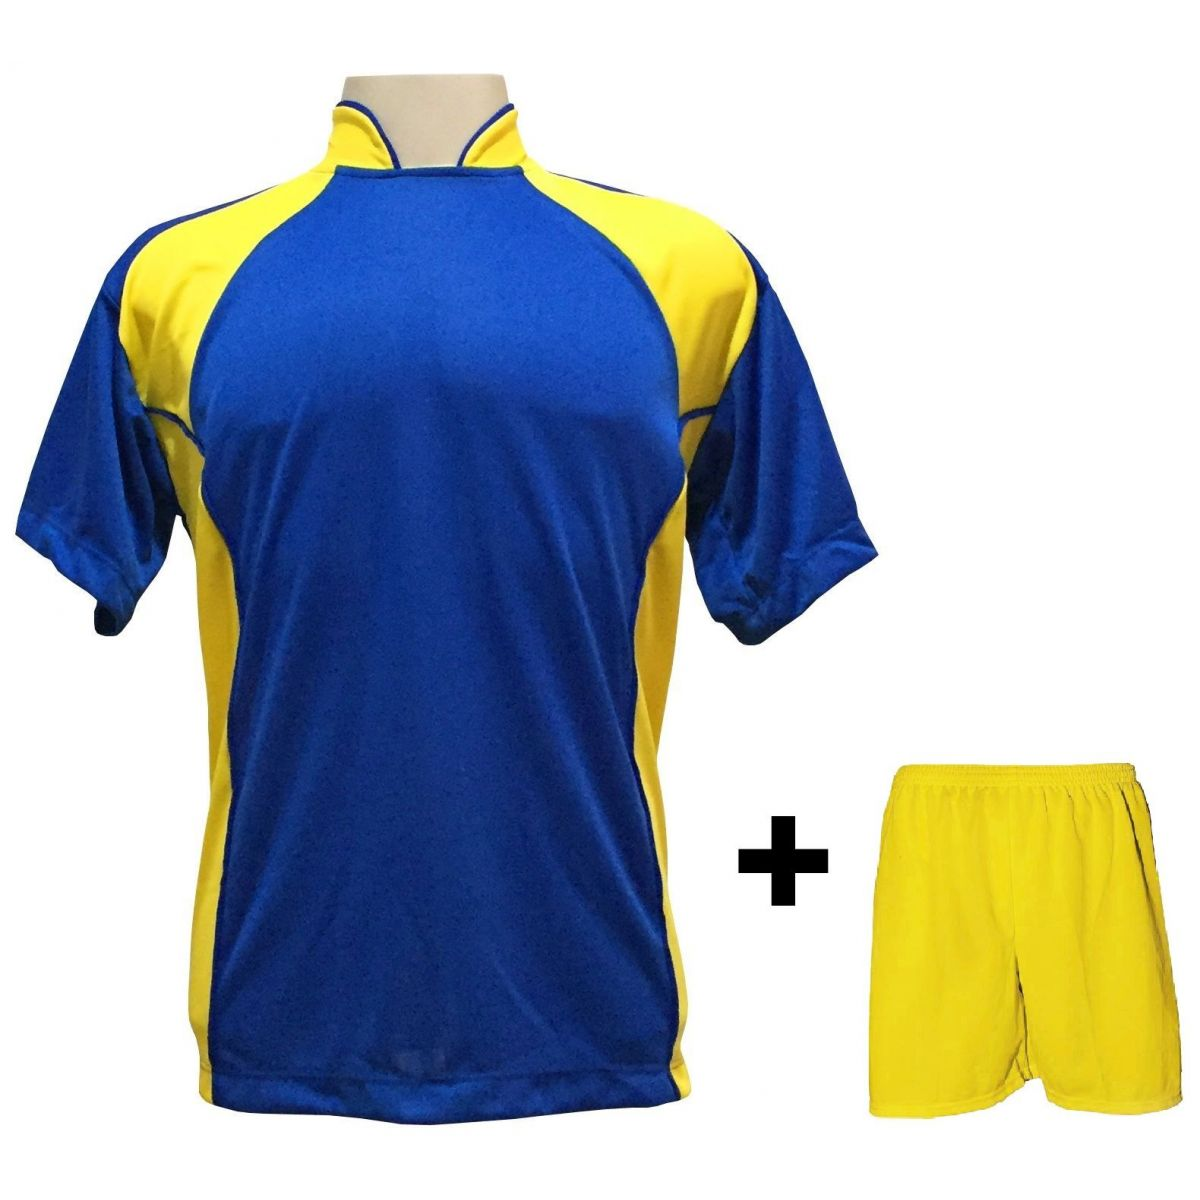 Uniforme Esportivo com 14 camisas modelo Suécia Royal/Amarelo + 14 calções modelo Madrid Amarelo + Brindes